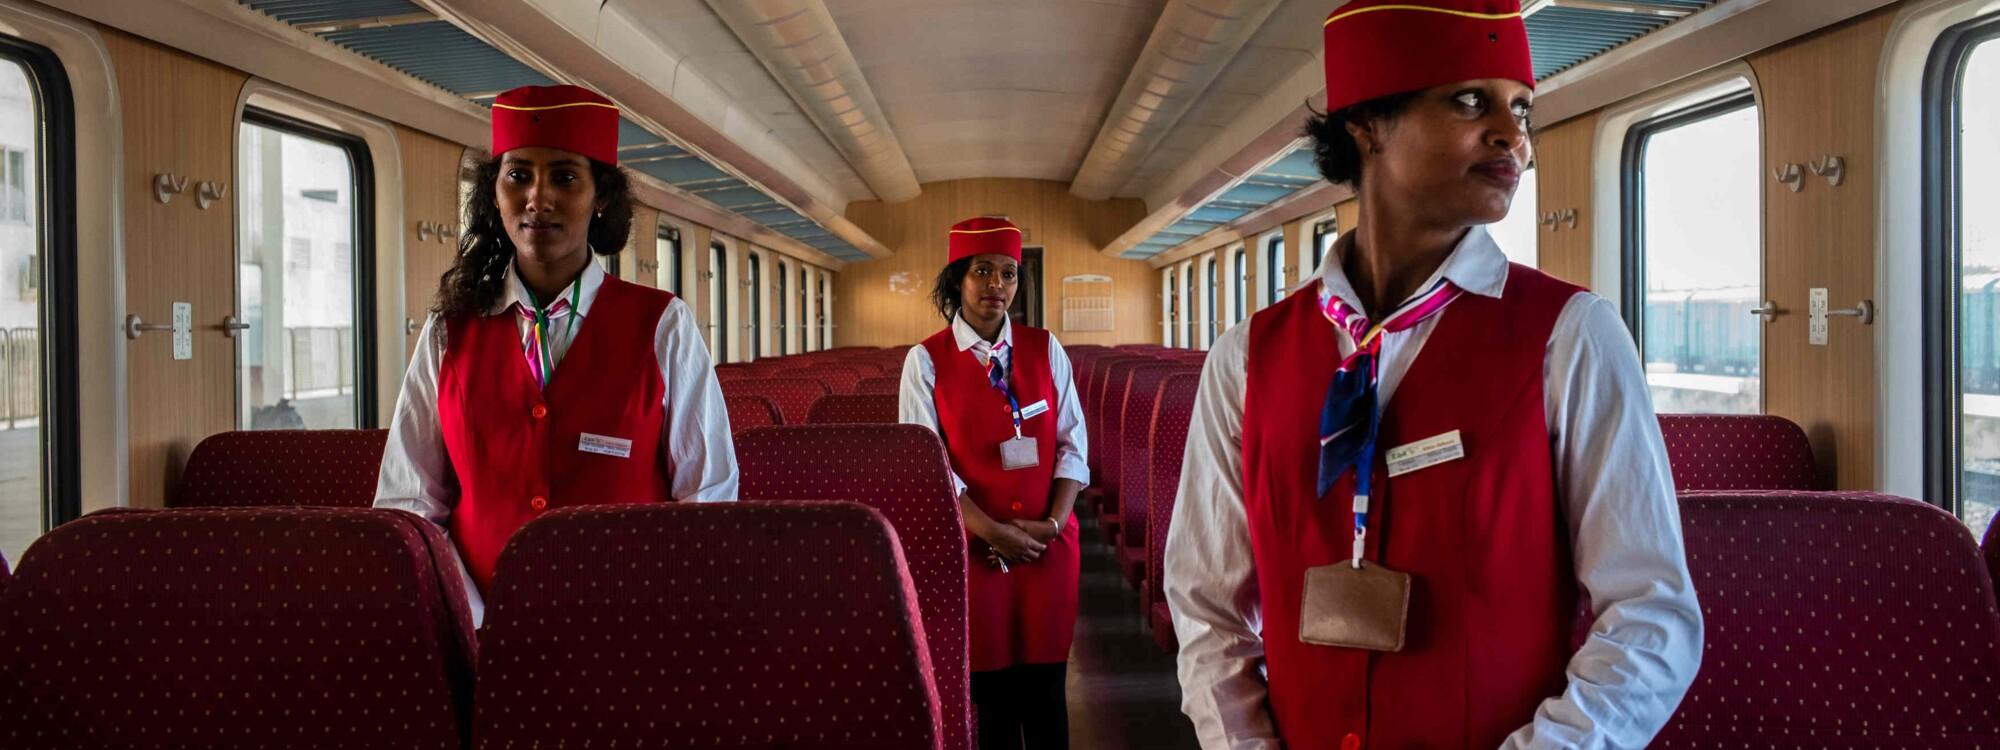 Djibouti, nouvelle porte stratégique de l'Afrique : notre photographe raconte